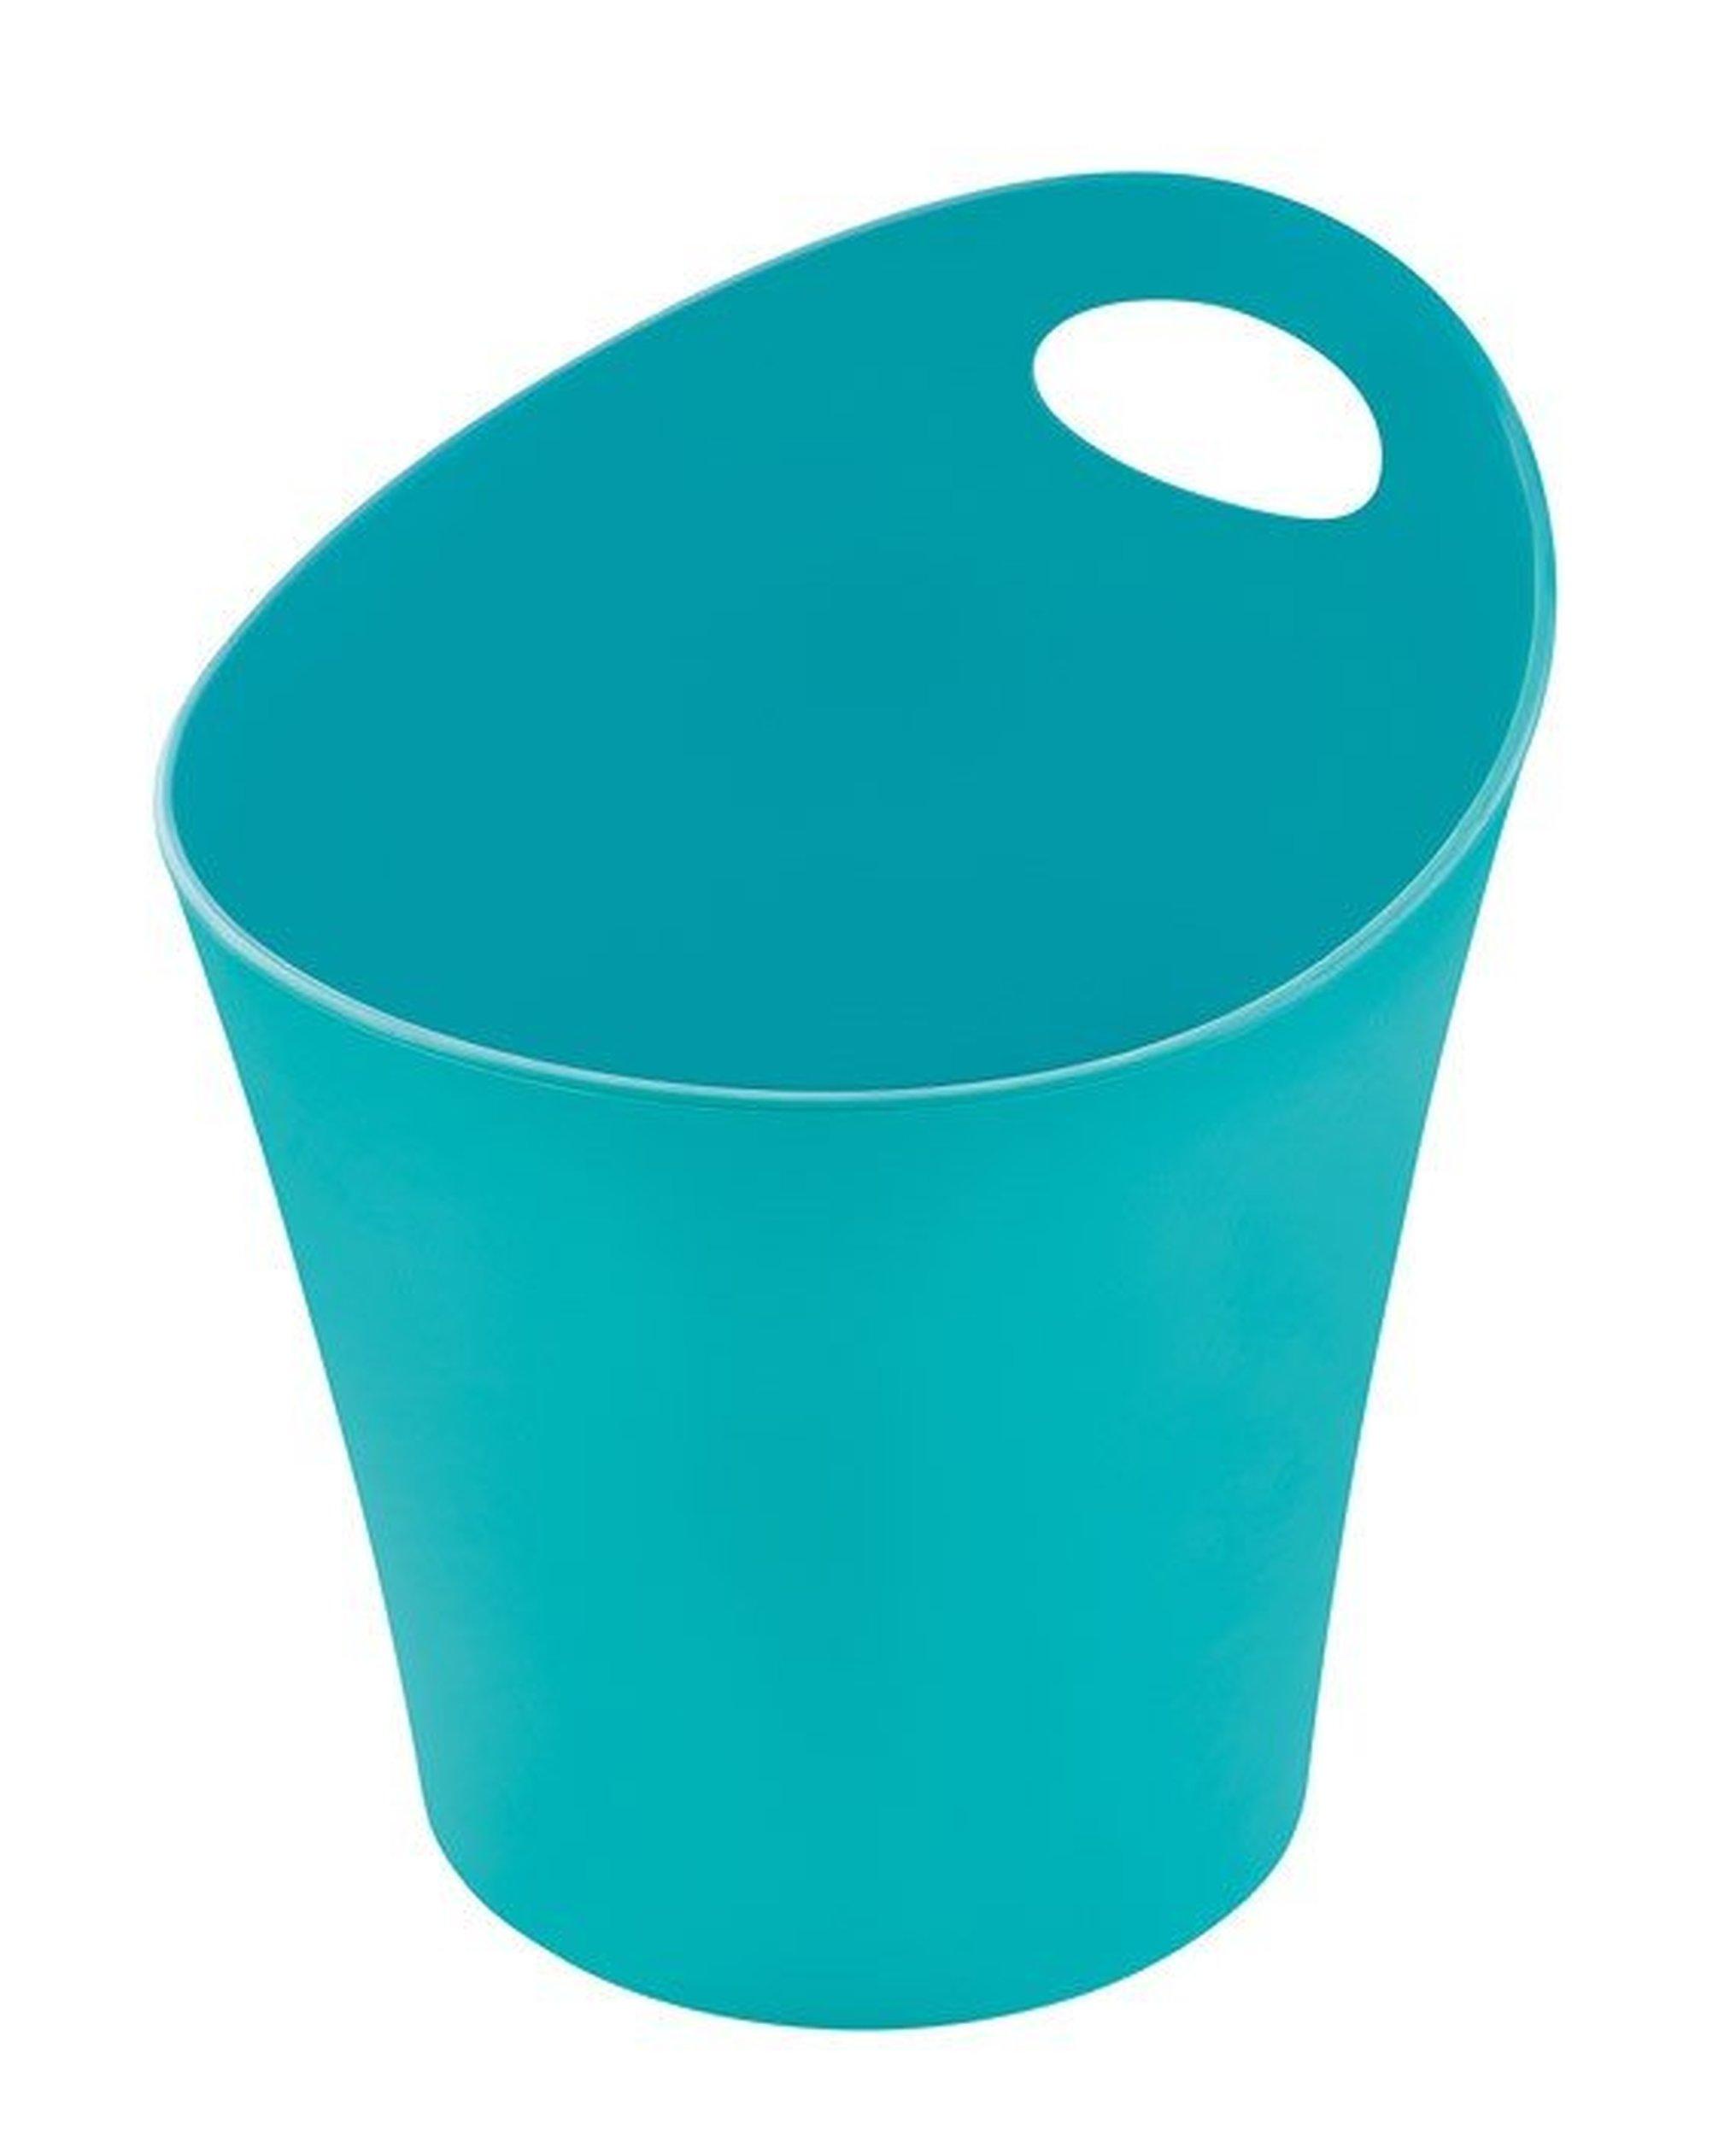 Pojemnik Pottichelli L niebieski turkusowy